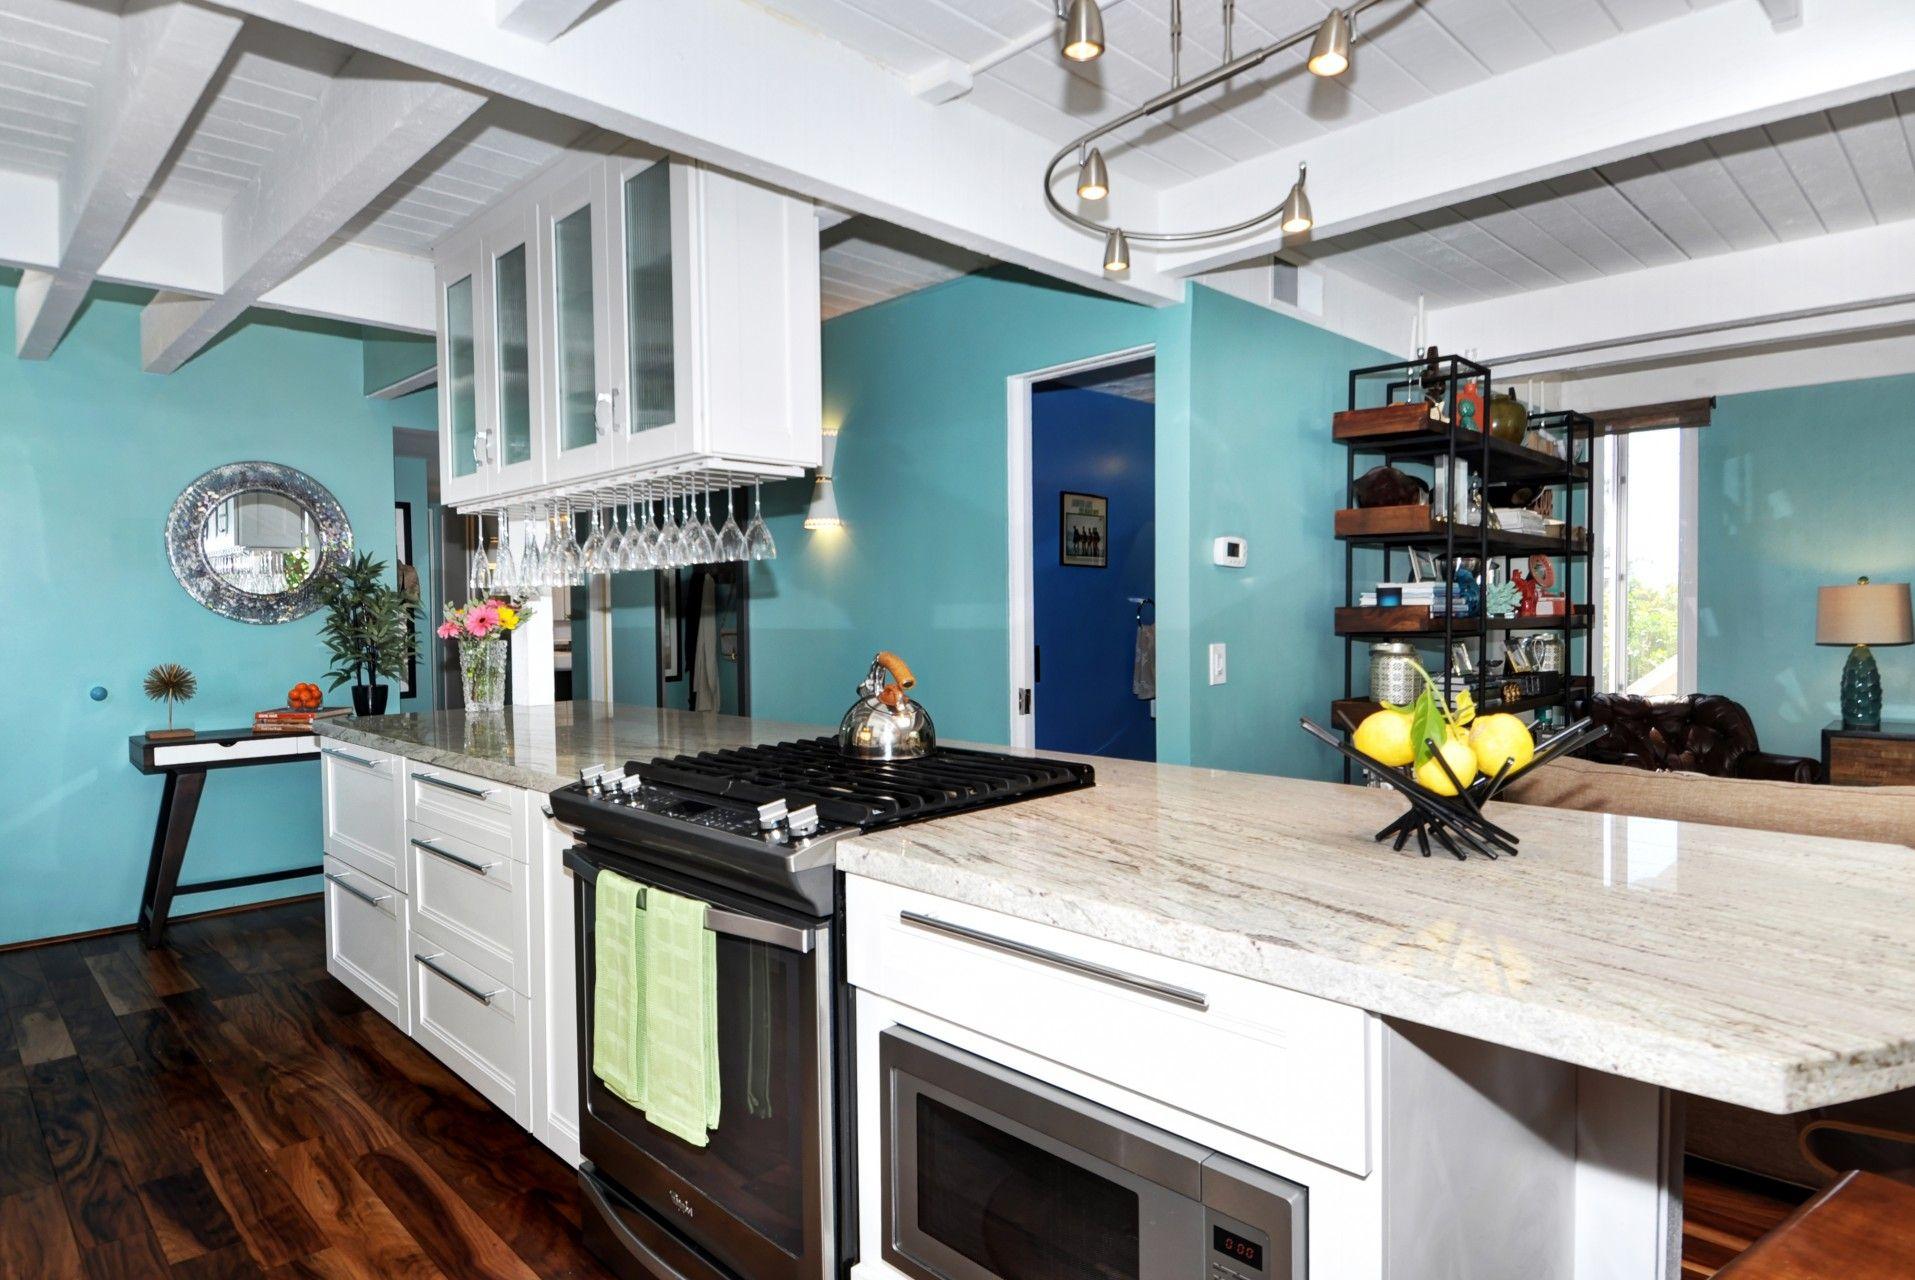 Schön Catskill Kücheninsel Bilder - Ideen Für Die Küche Dekoration ...